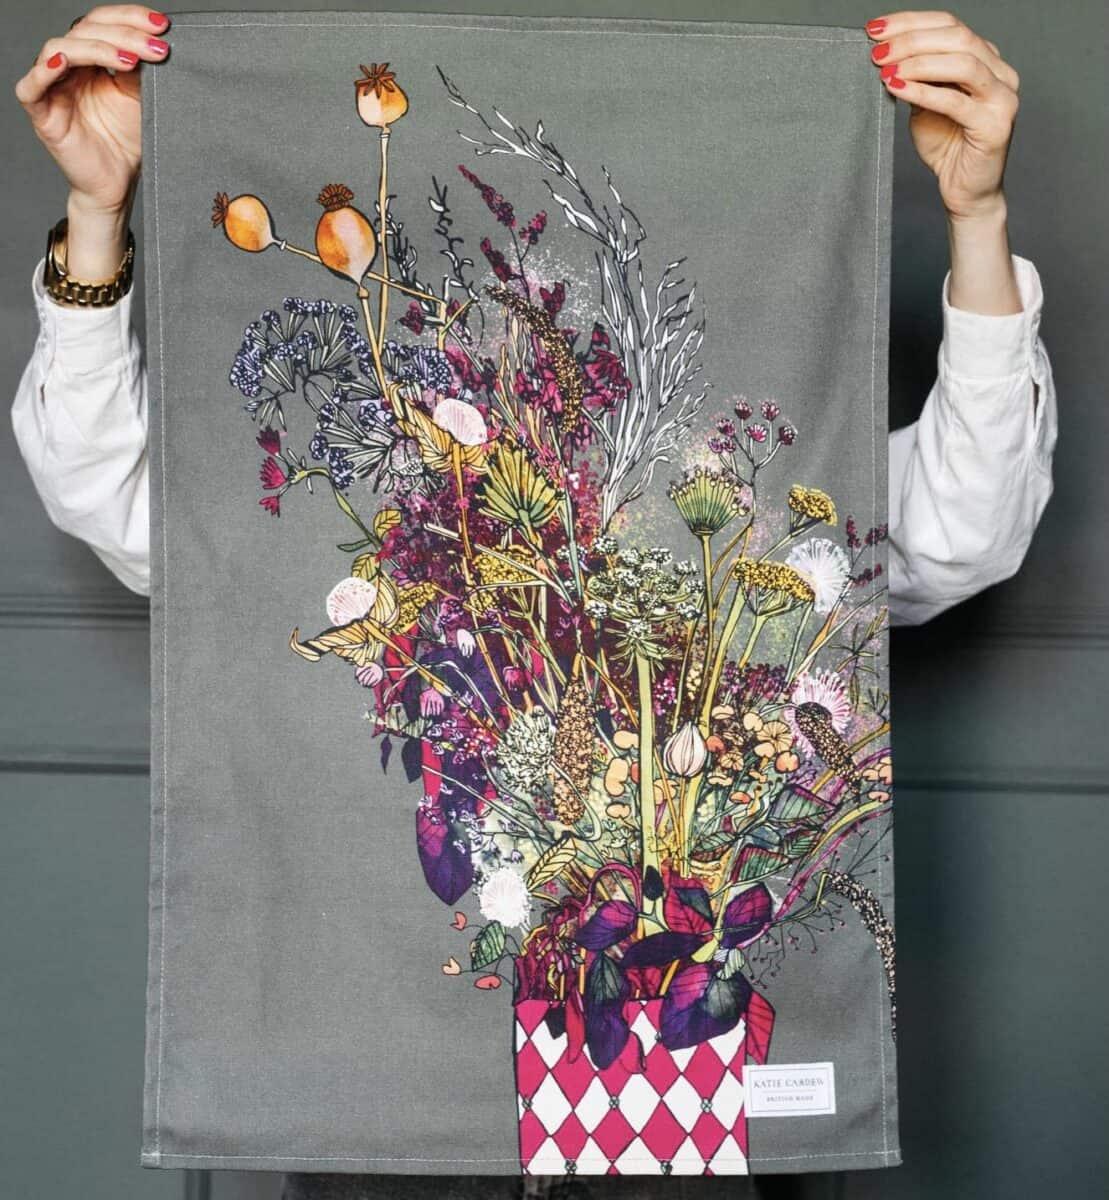 Autumn bloom tea towel by katie cardew